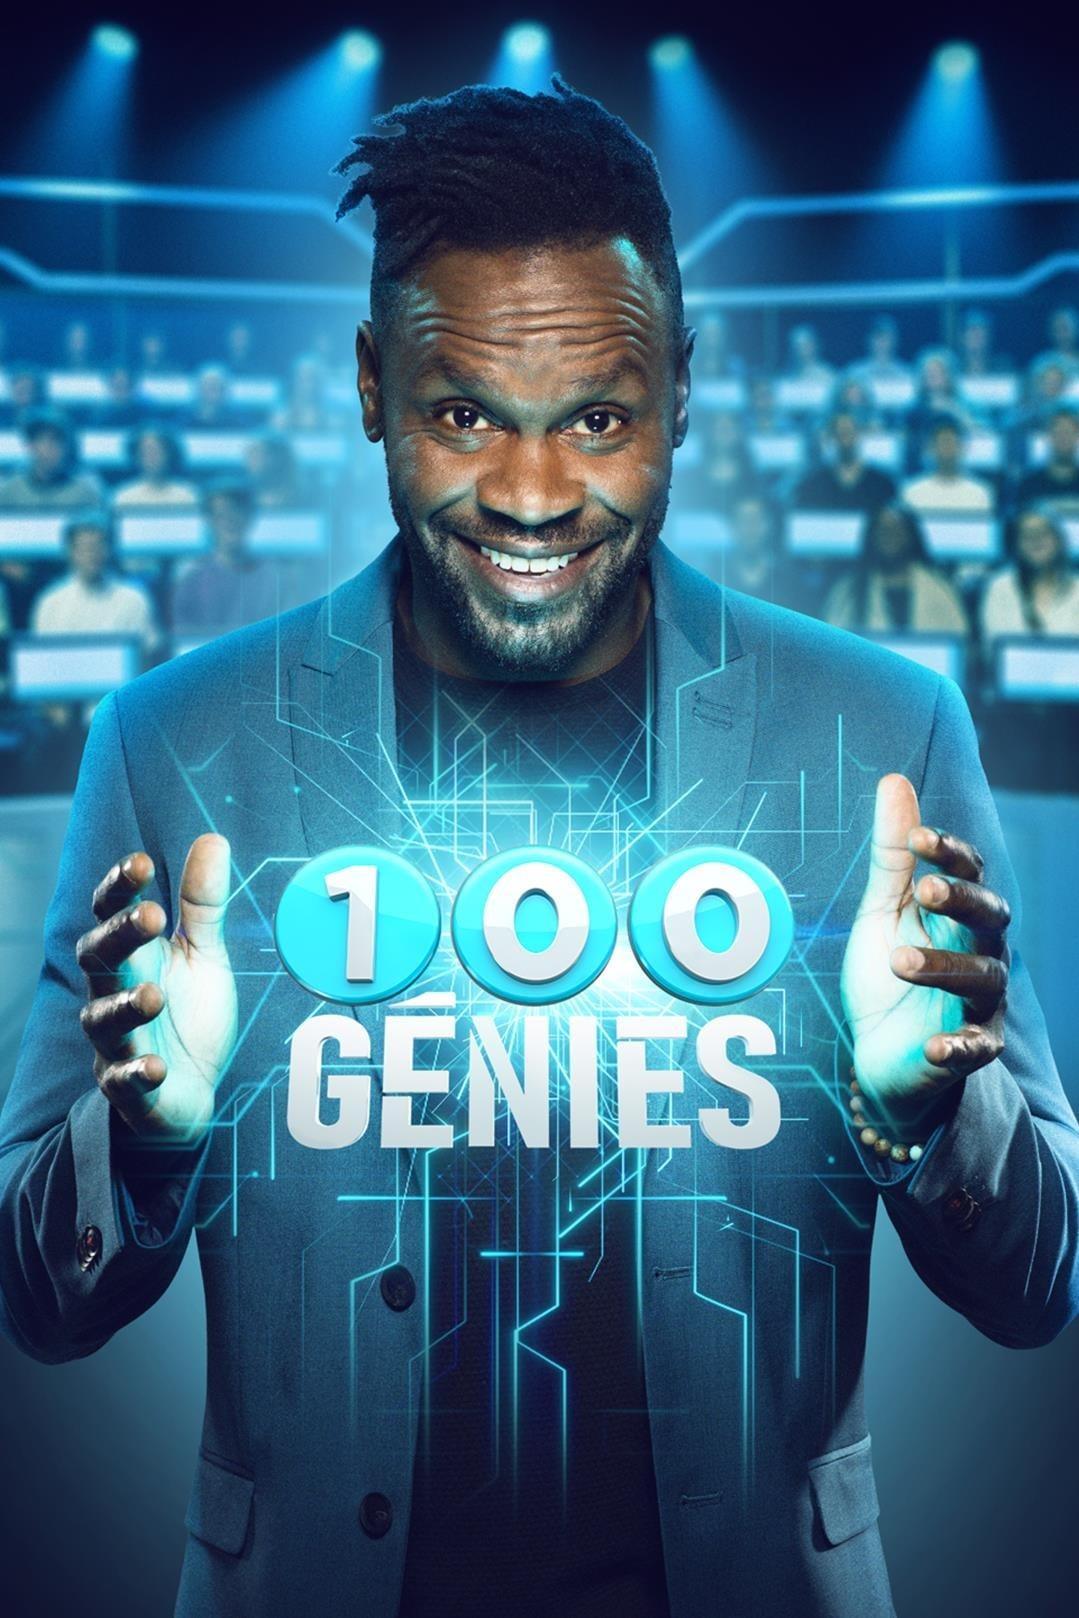 100 Geniuses